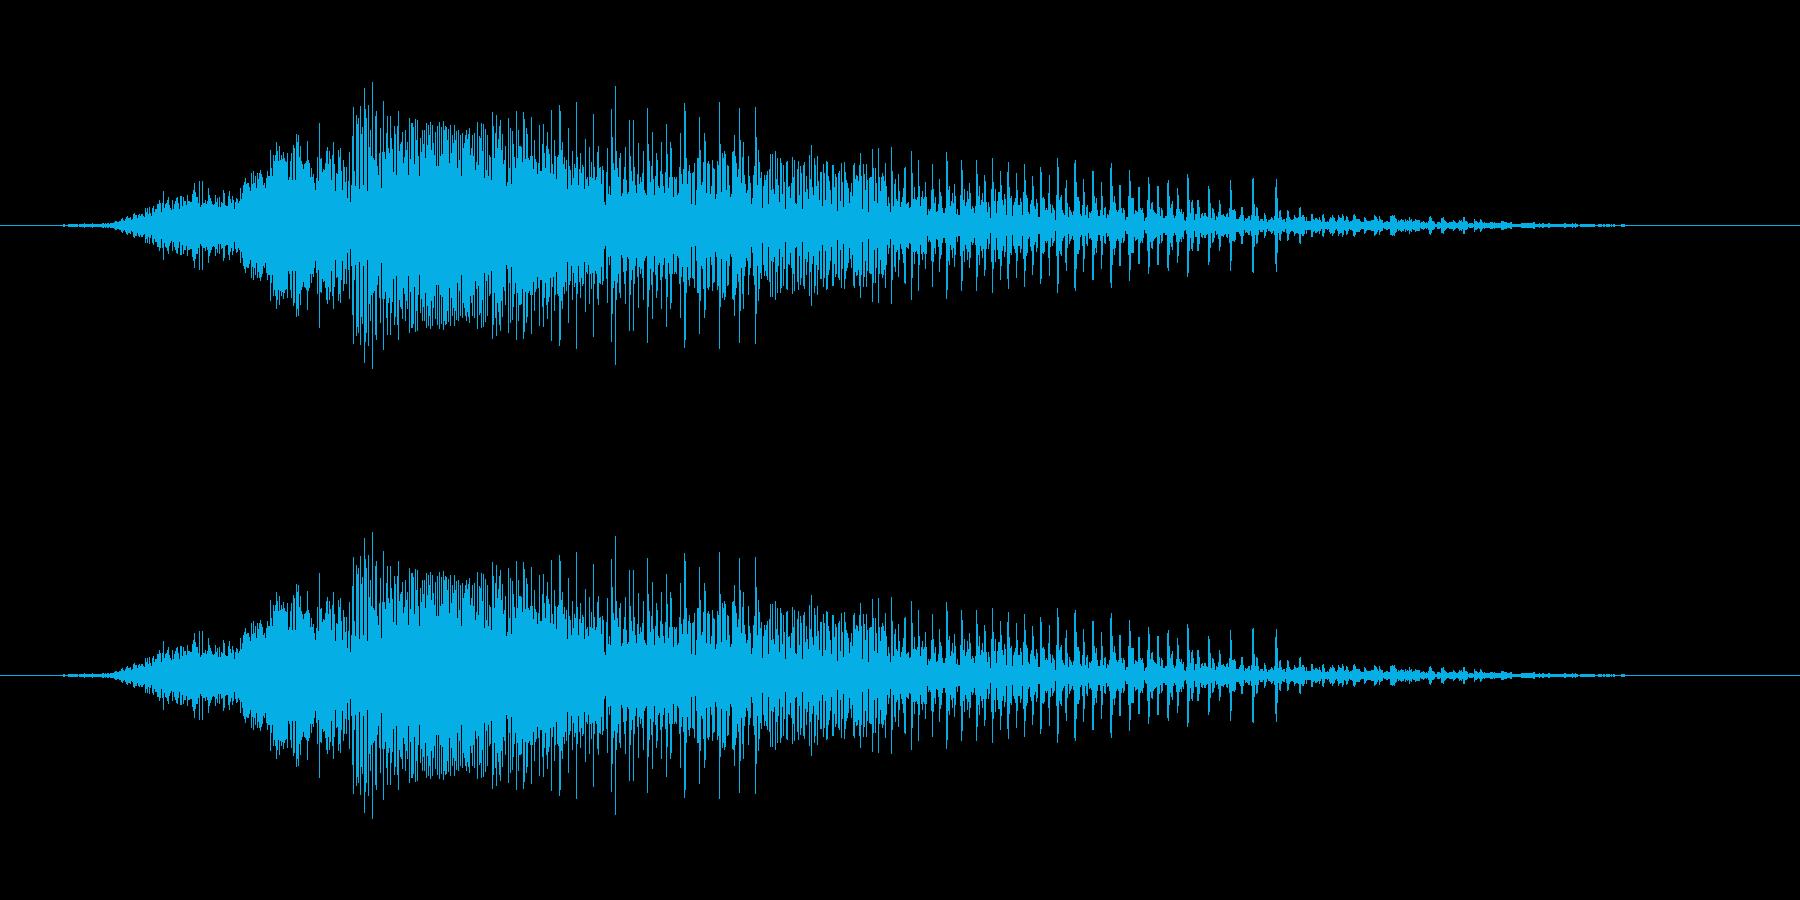 さぁー!! - 男性和風掛け声の再生済みの波形